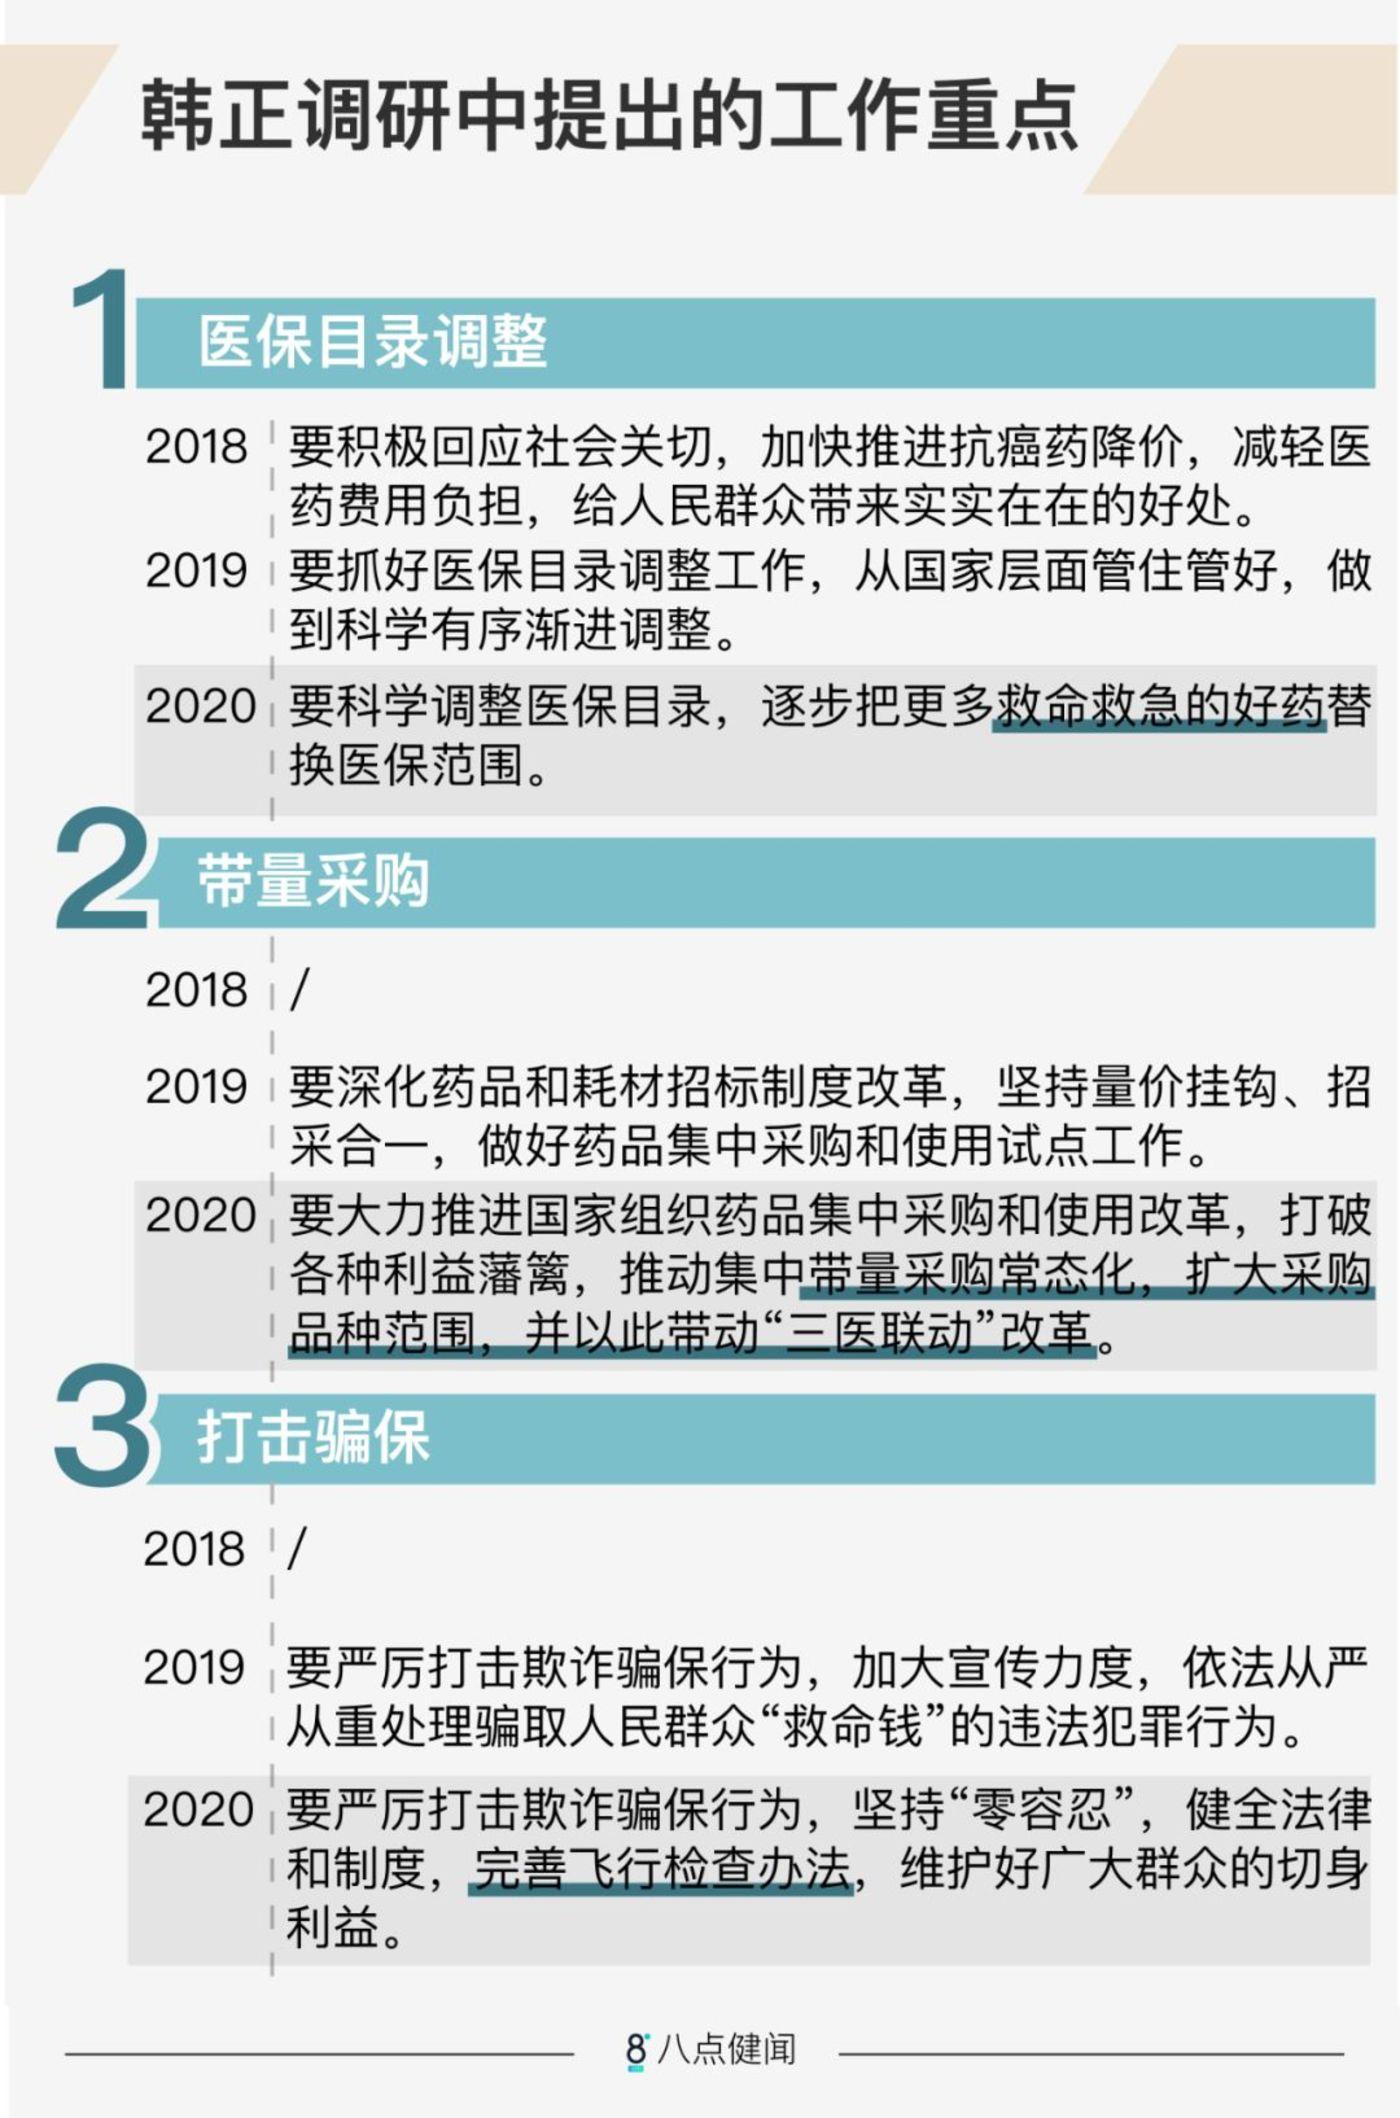 韩正三次调研医保局,释放了哪些不一样的信号?